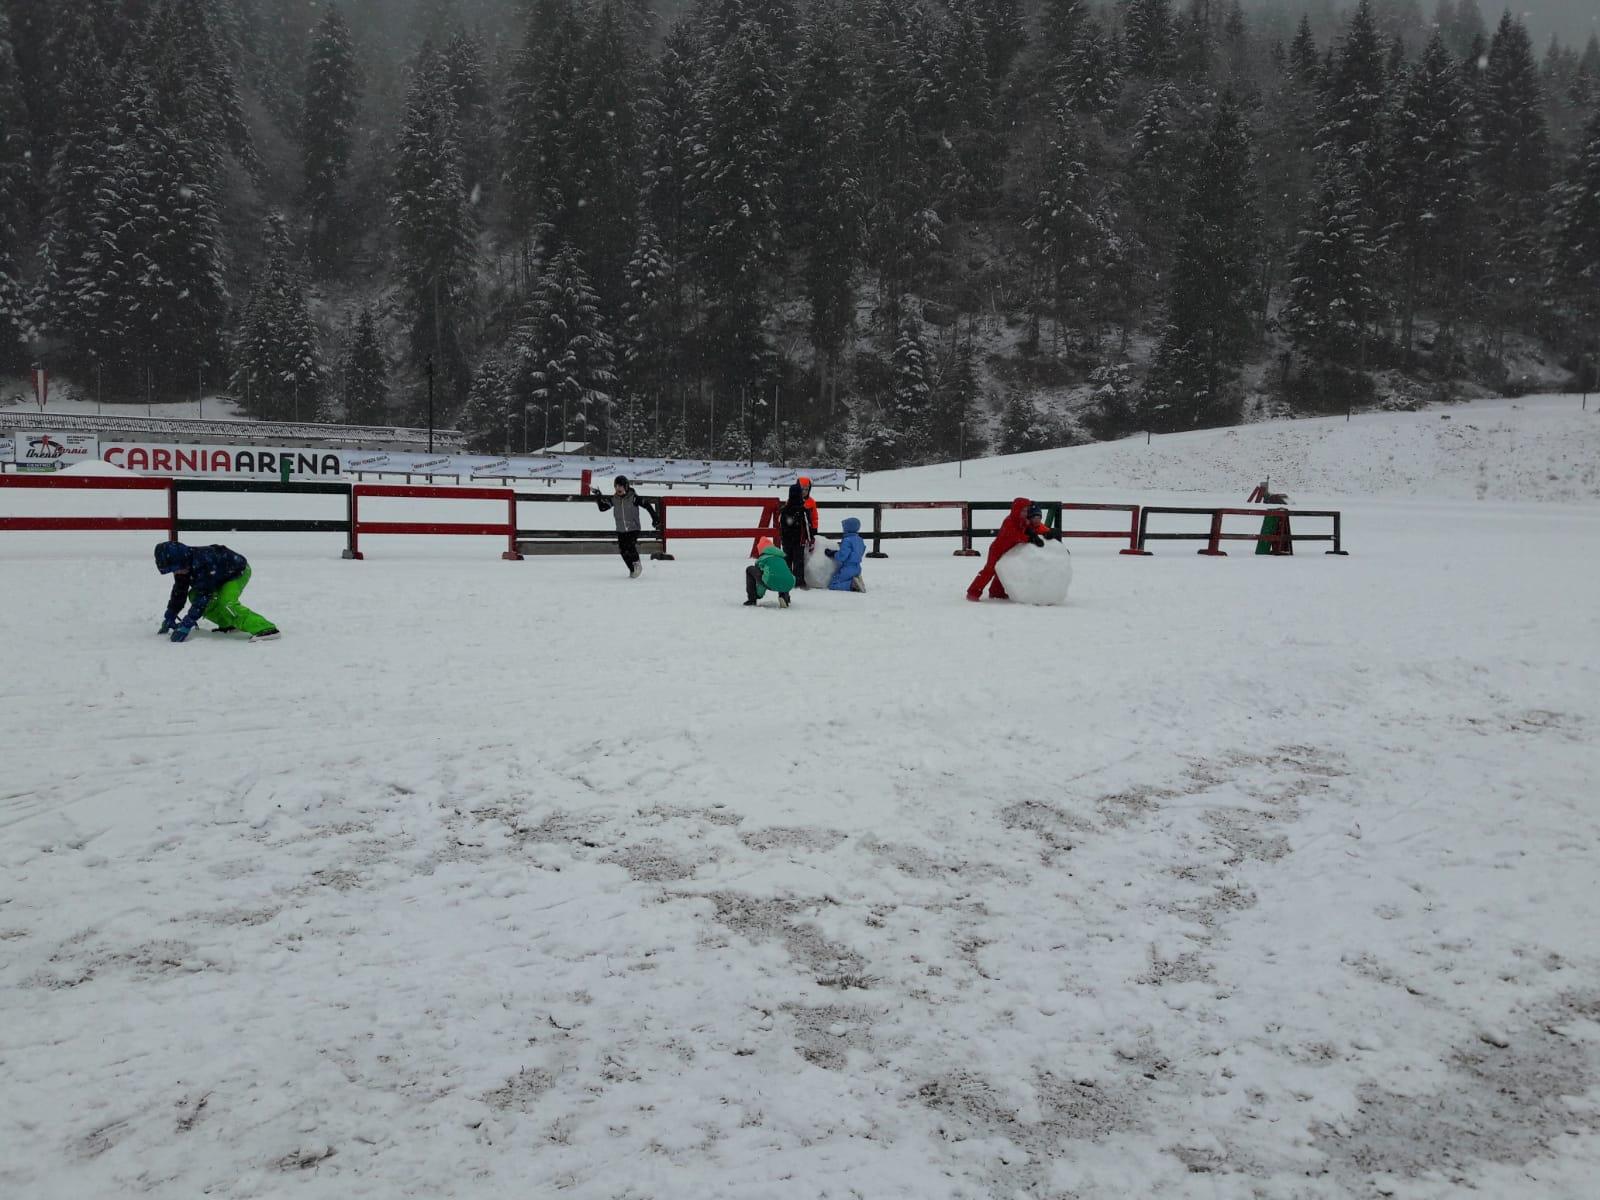 Giochi finali con la neve